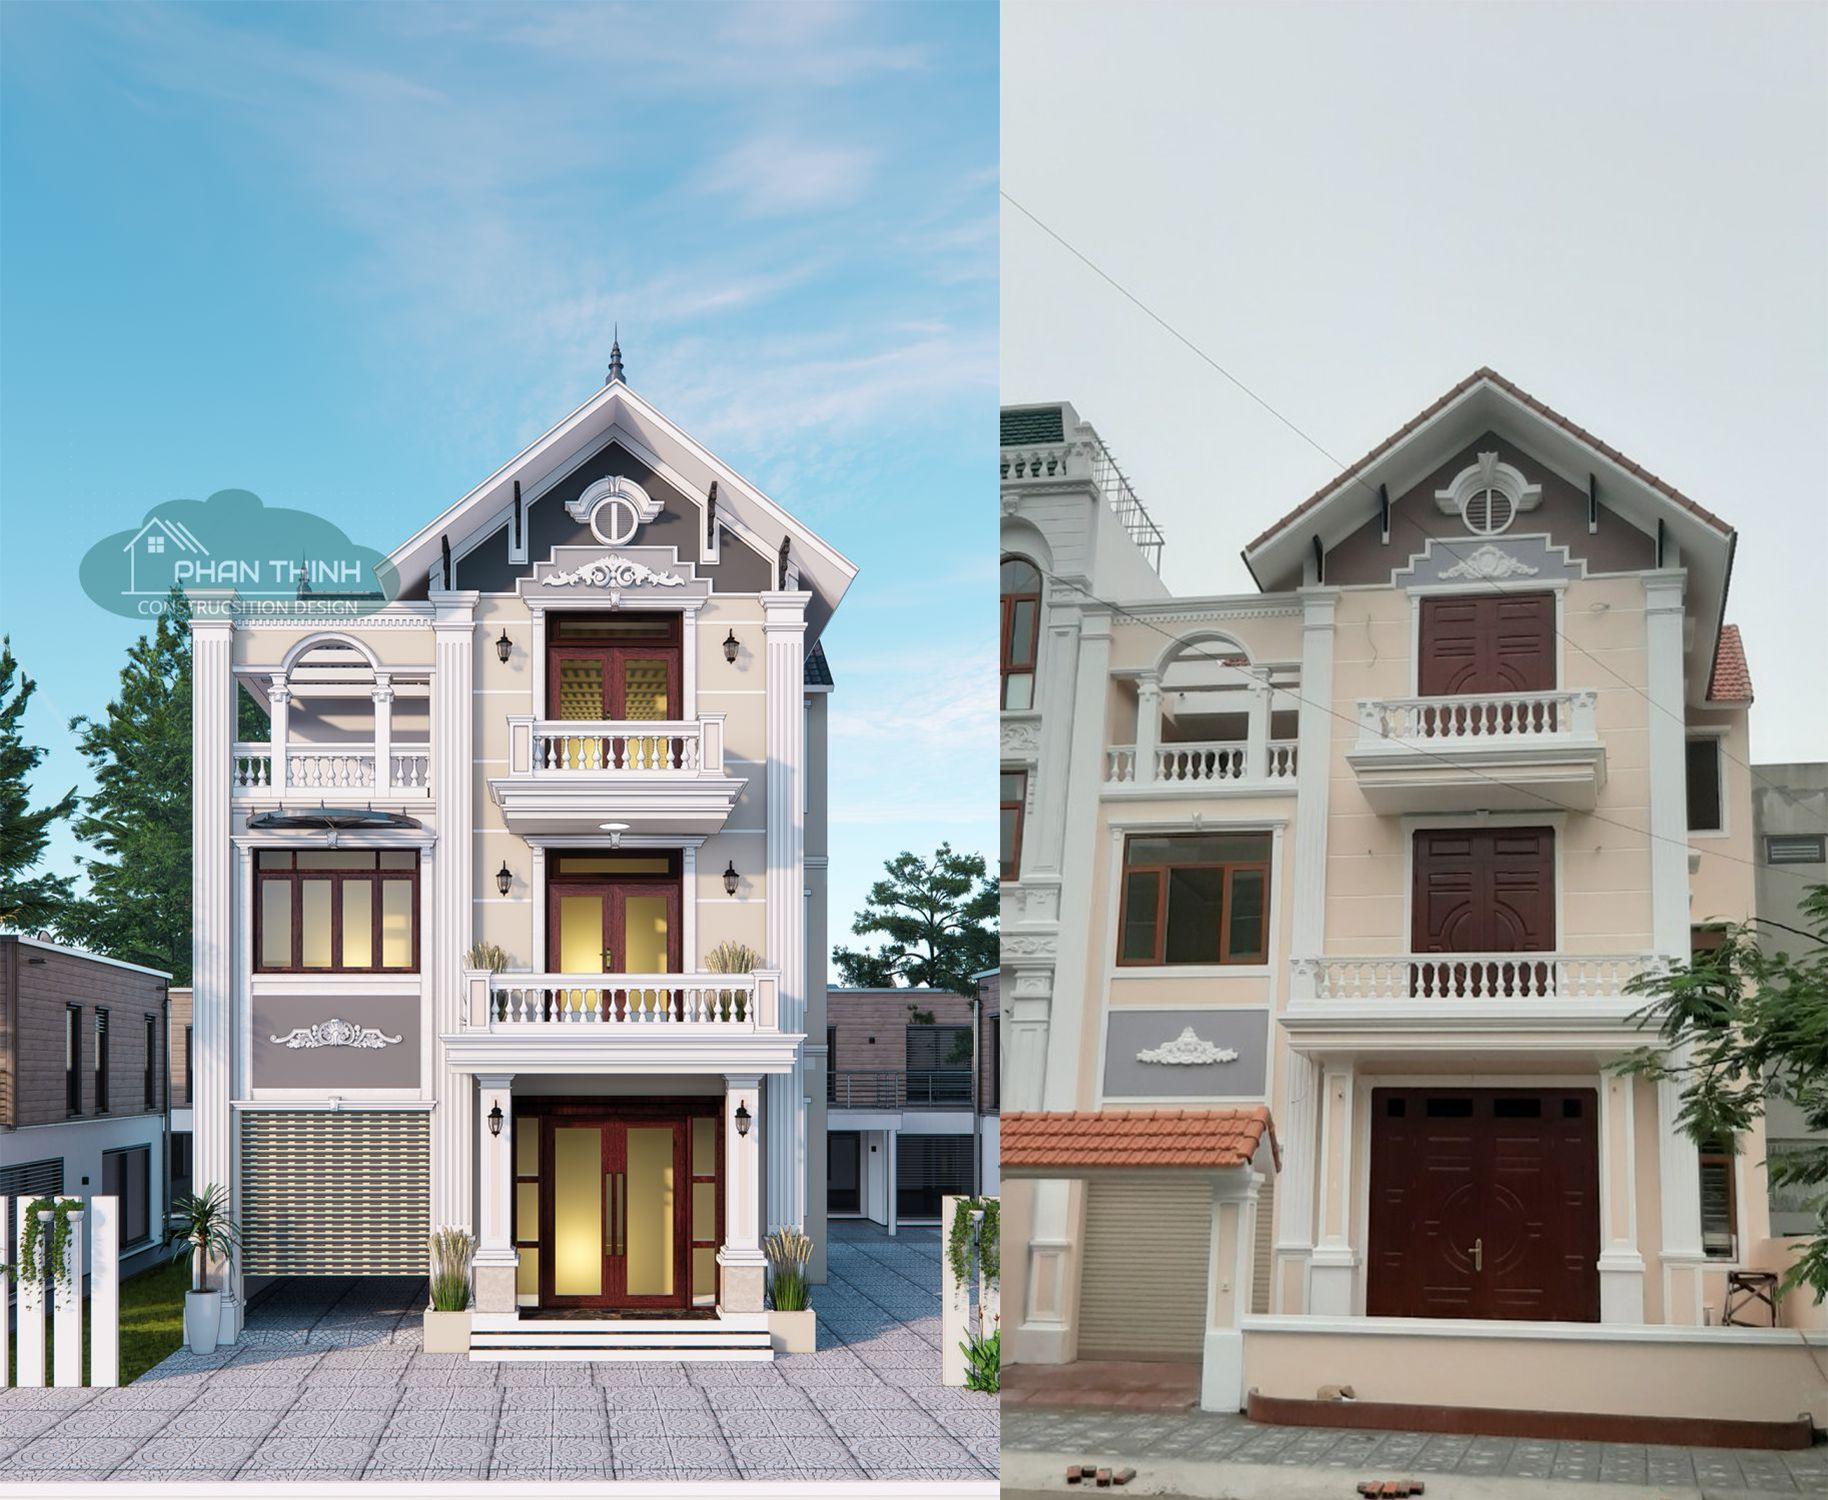 Ảnh thiết kế phối cảnh và sau khi hoàn thiện ngôi nhà